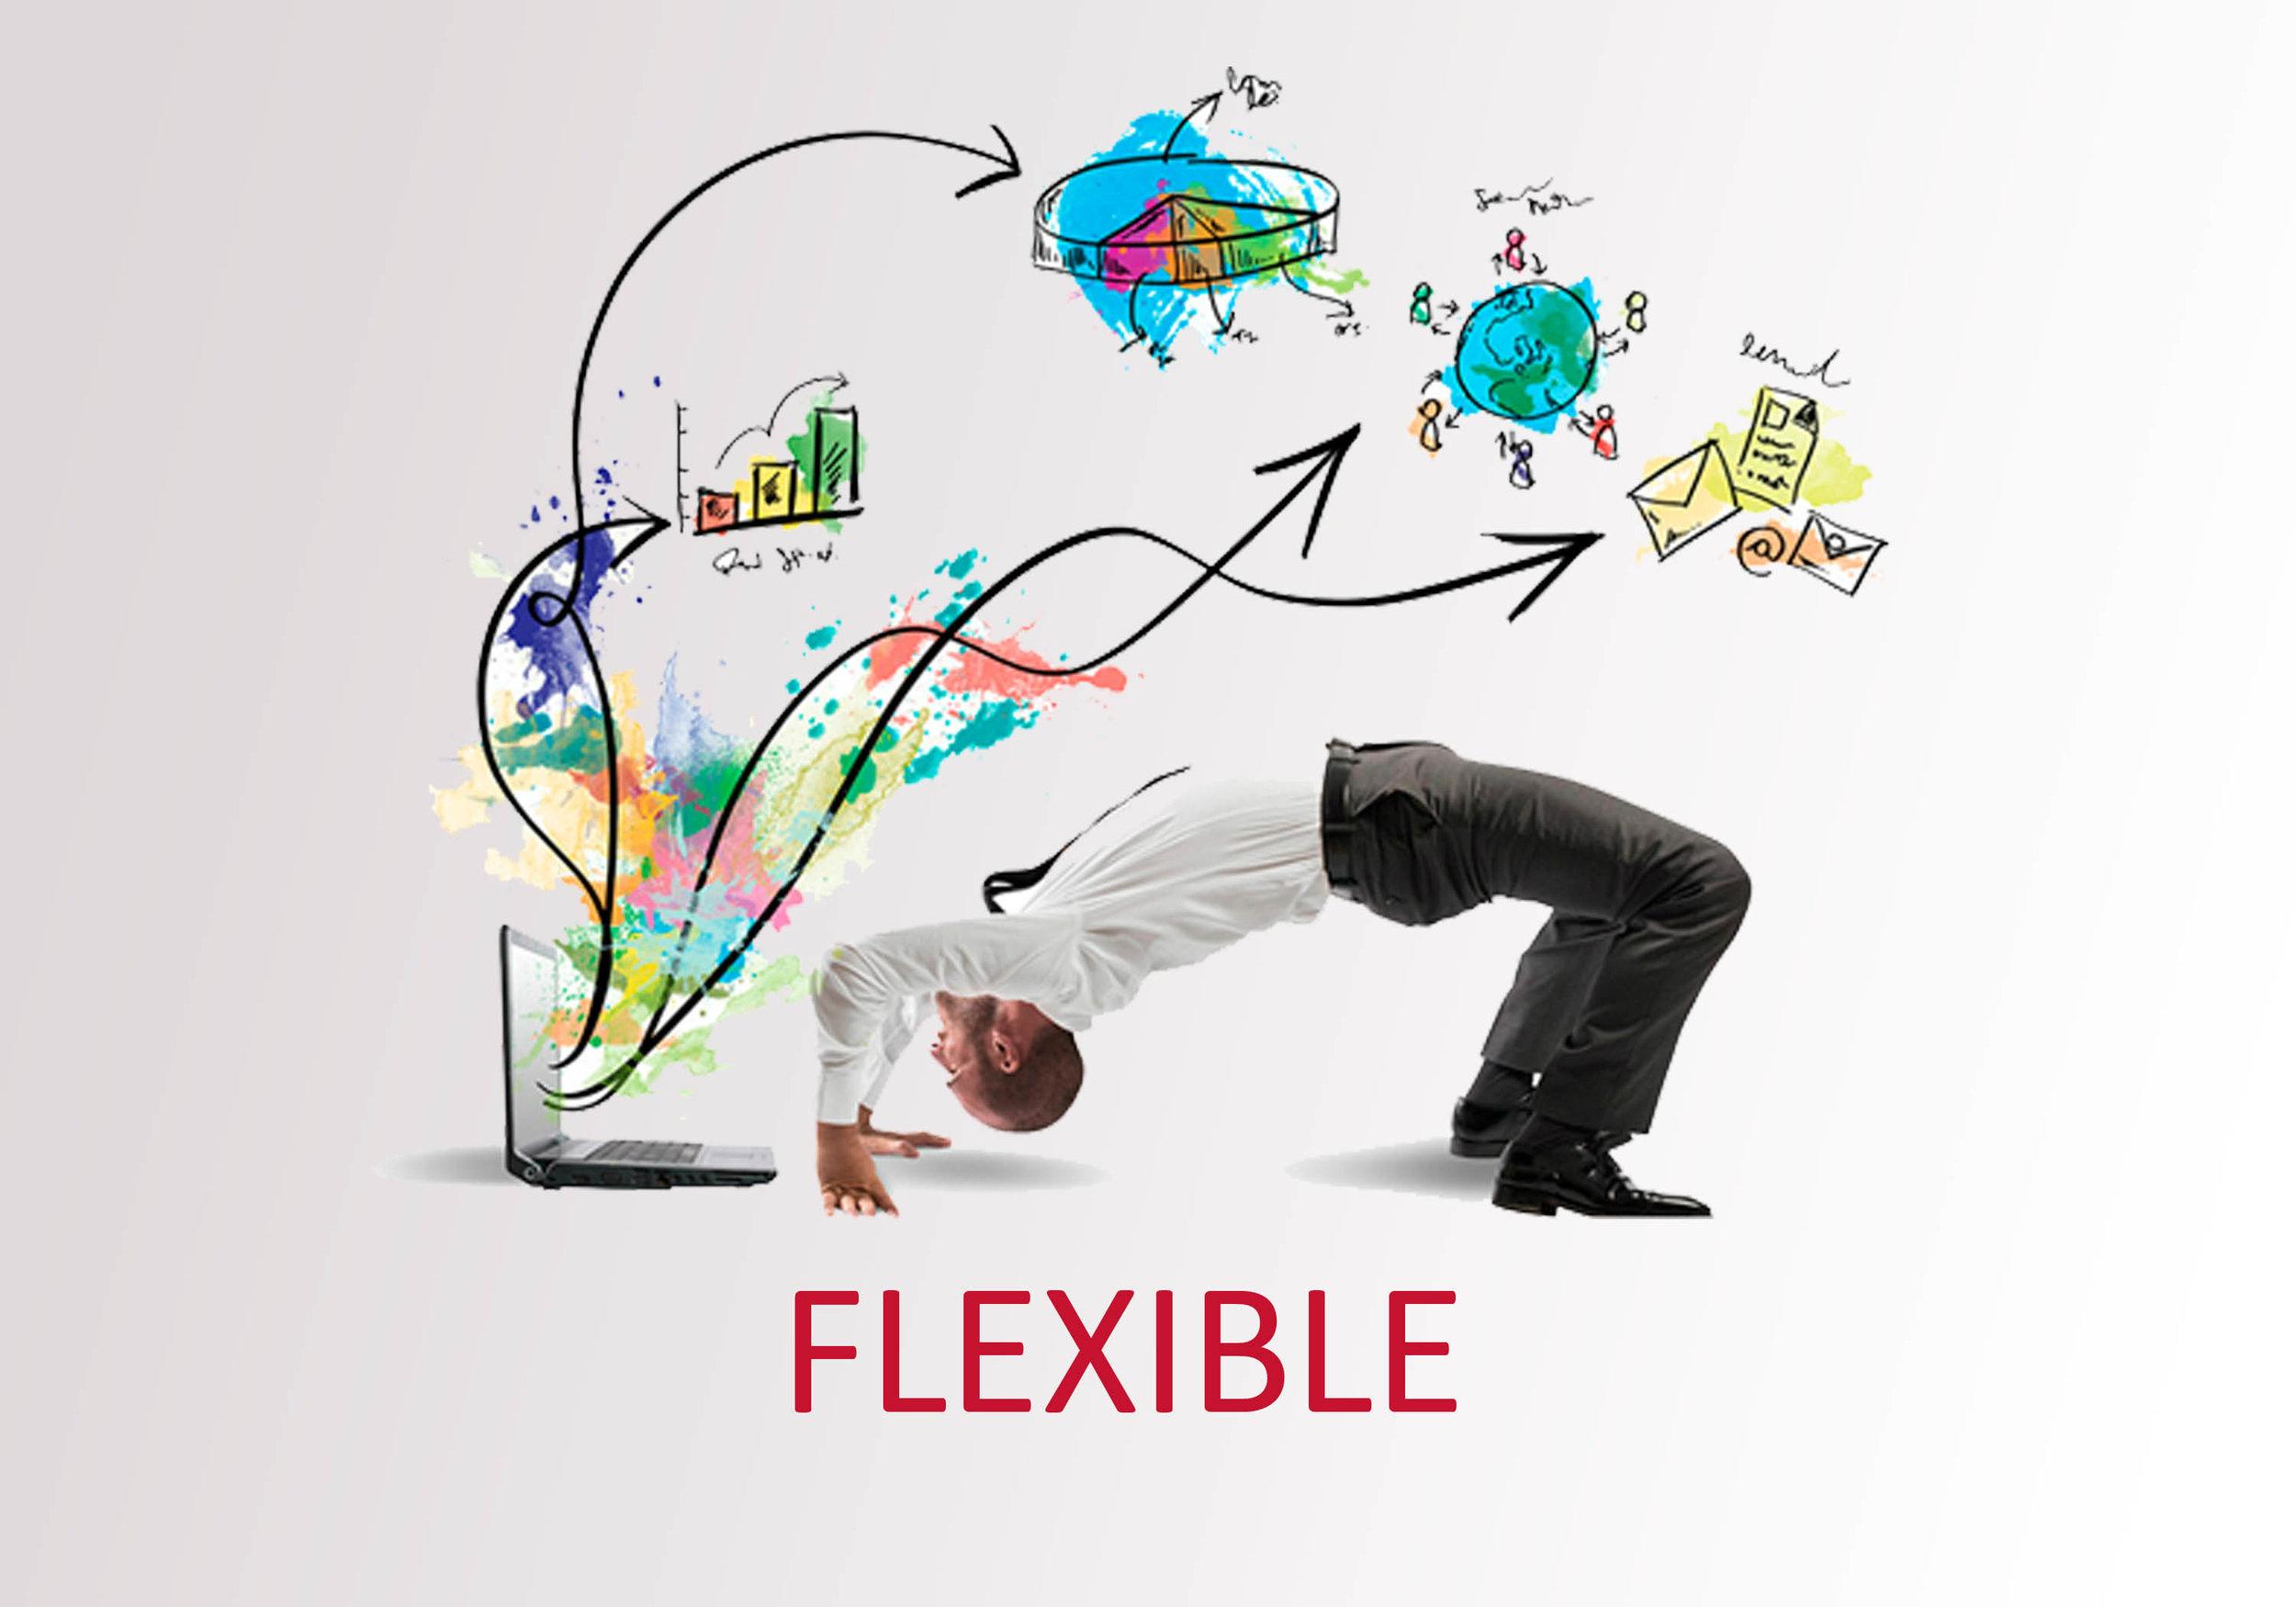 FLEXIBLE INGLES.jpg